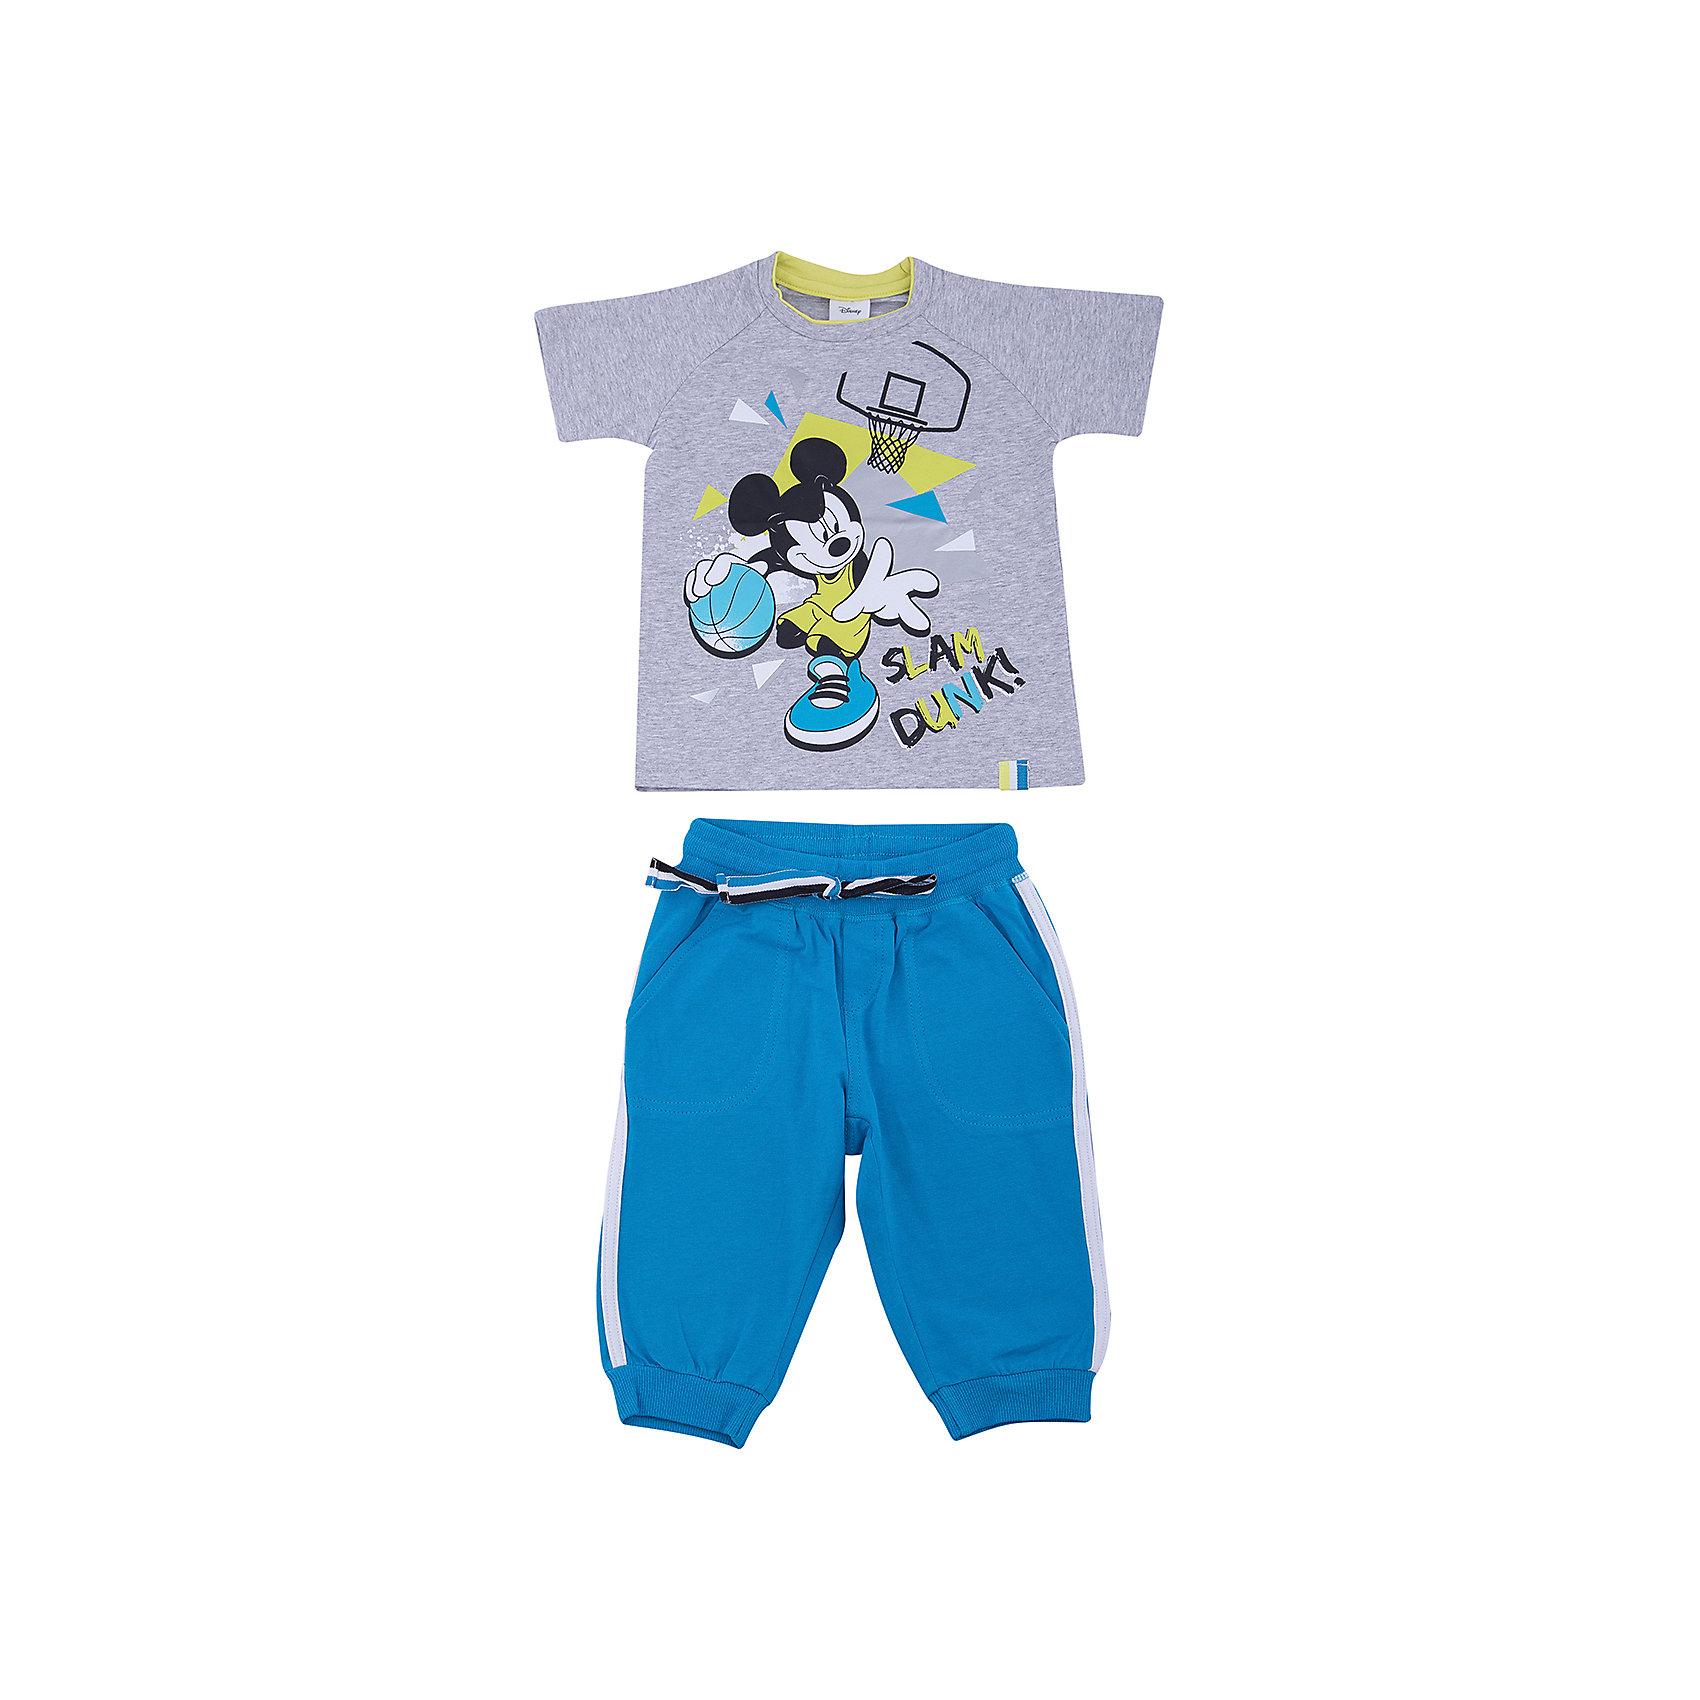 Комплект: футболка и брюки PlayToday для мальчикаКомплекты<br>Комплект: футболка и брюки PlayToday для мальчика<br>Комплект из футболки и брюк сможет быть и повседневной, и домашней одеждой. Брюки на широкой резинке, не сдавливающей живот ребенка, с регулируемым шнуром - кулиской, дополнены карманами. Низ брючин на мягких манжетах. Горловина футболки усилена специальной плотной вставкой, которая защищает изделие от деформации. В качестве декора использован яркий лицензированный принт.<br>Состав:<br>95% хлопок, 5% эластан<br><br>Ширина мм: 199<br>Глубина мм: 10<br>Высота мм: 161<br>Вес г: 151<br>Цвет: белый<br>Возраст от месяцев: 108<br>Возраст до месяцев: 120<br>Пол: Мужской<br>Возраст: Детский<br>Размер: 140,98,104,110,116,122,128,134<br>SKU: 7107506